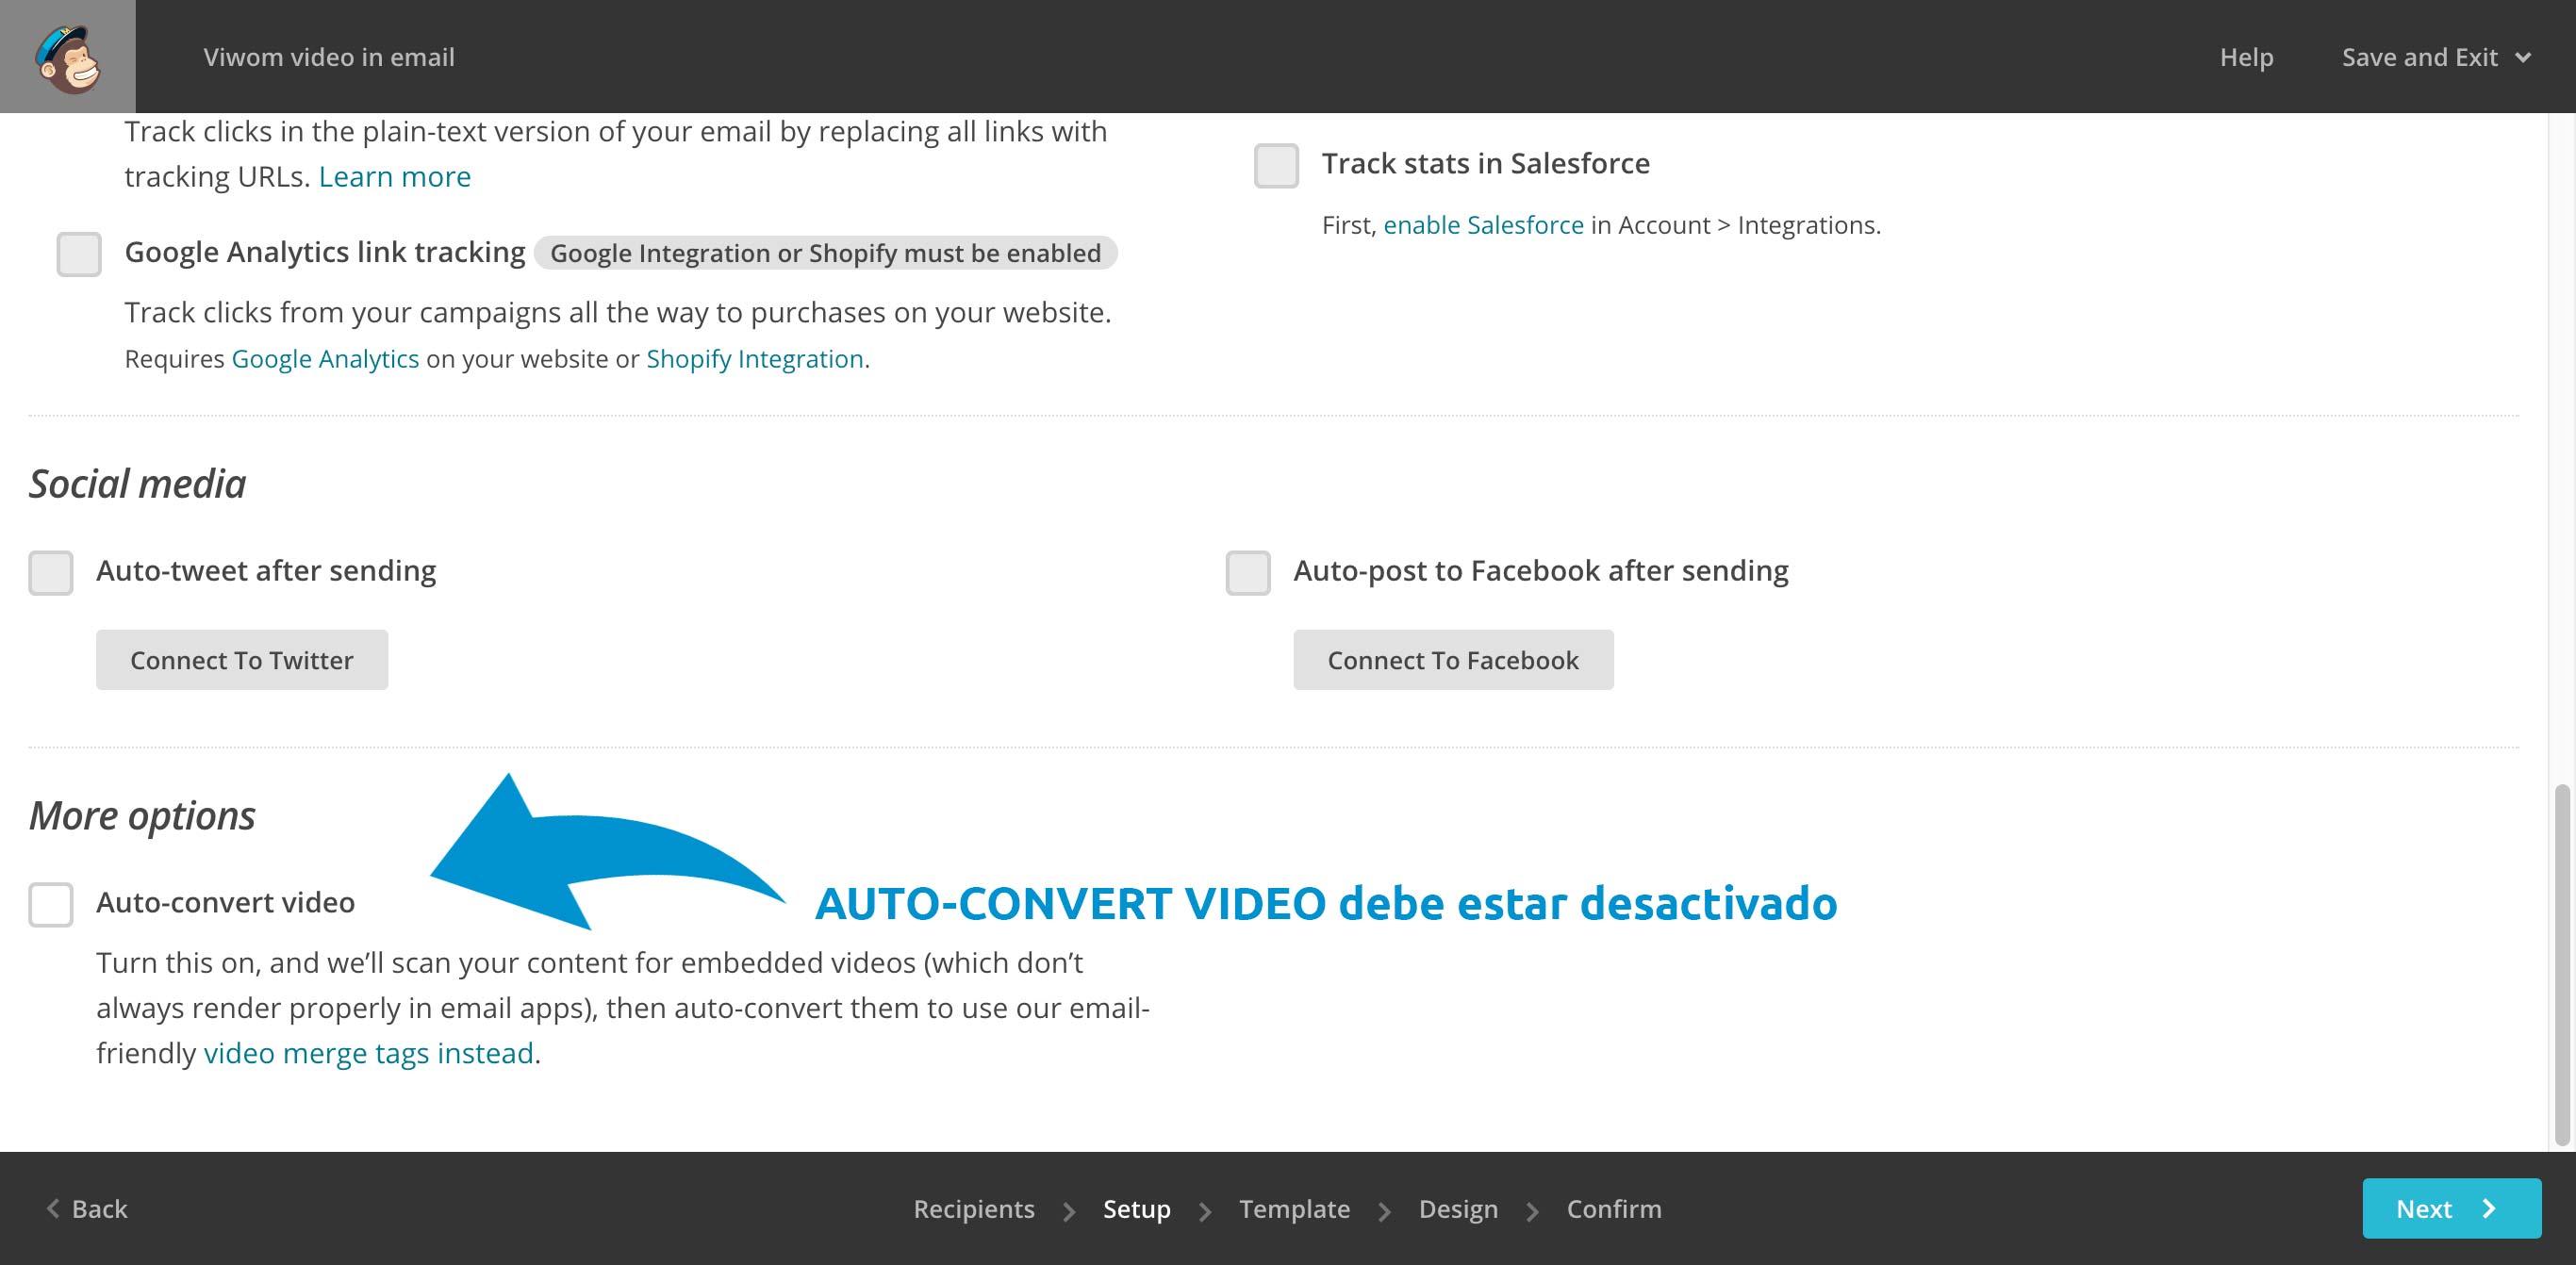 Auto-convert vídeo desactivado